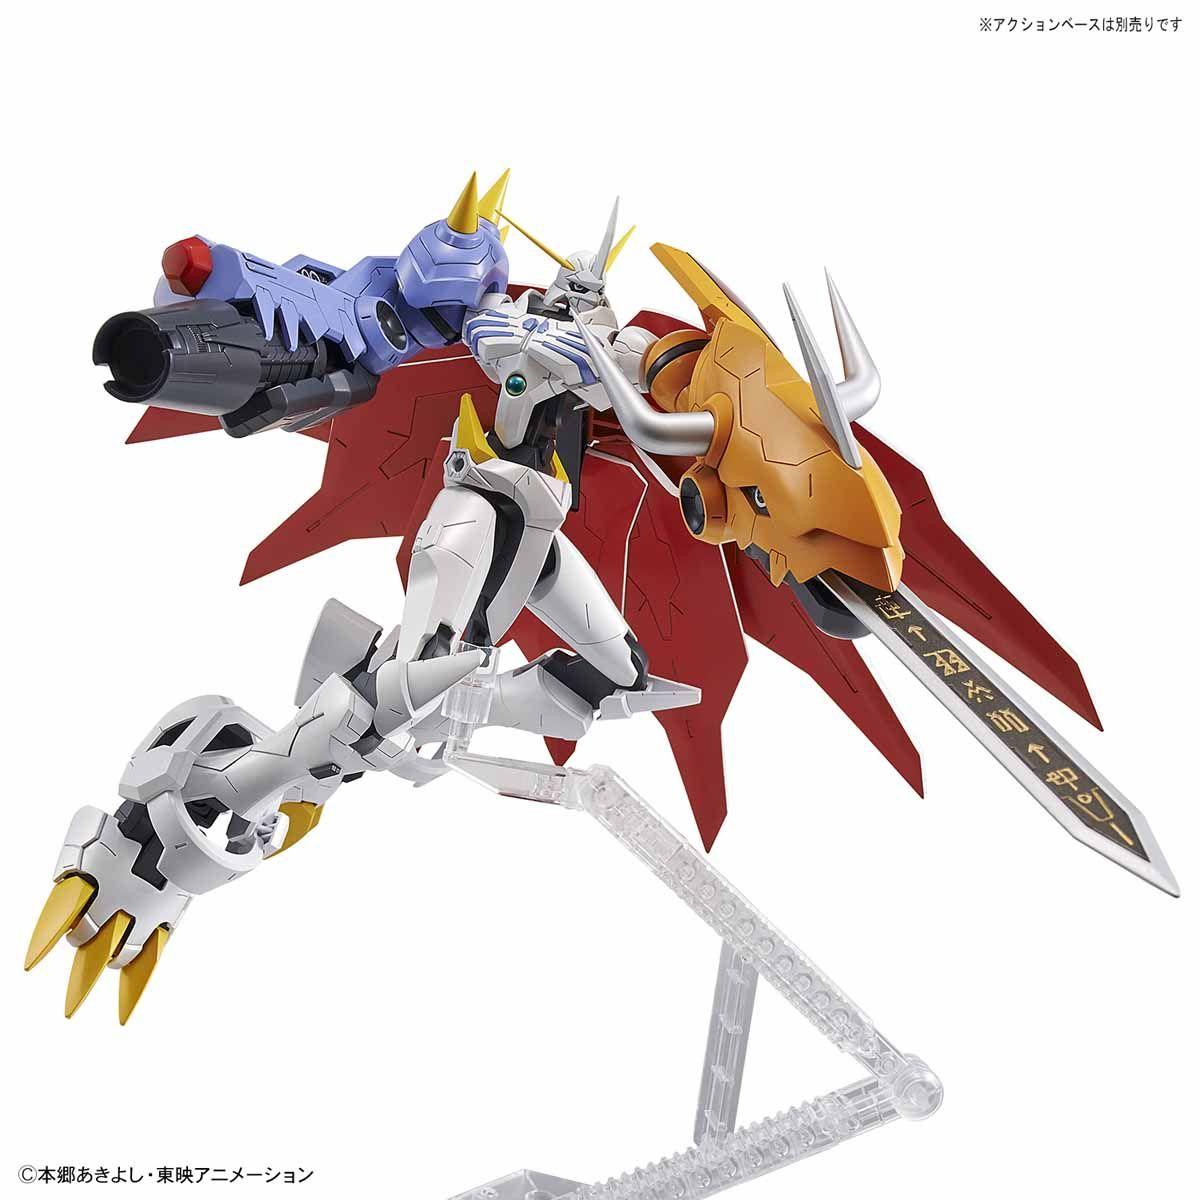 【再販】Figure-rise Standard『オメガモン(AMPLIFIED)』デジモンアドベンチャー プラモデル-008